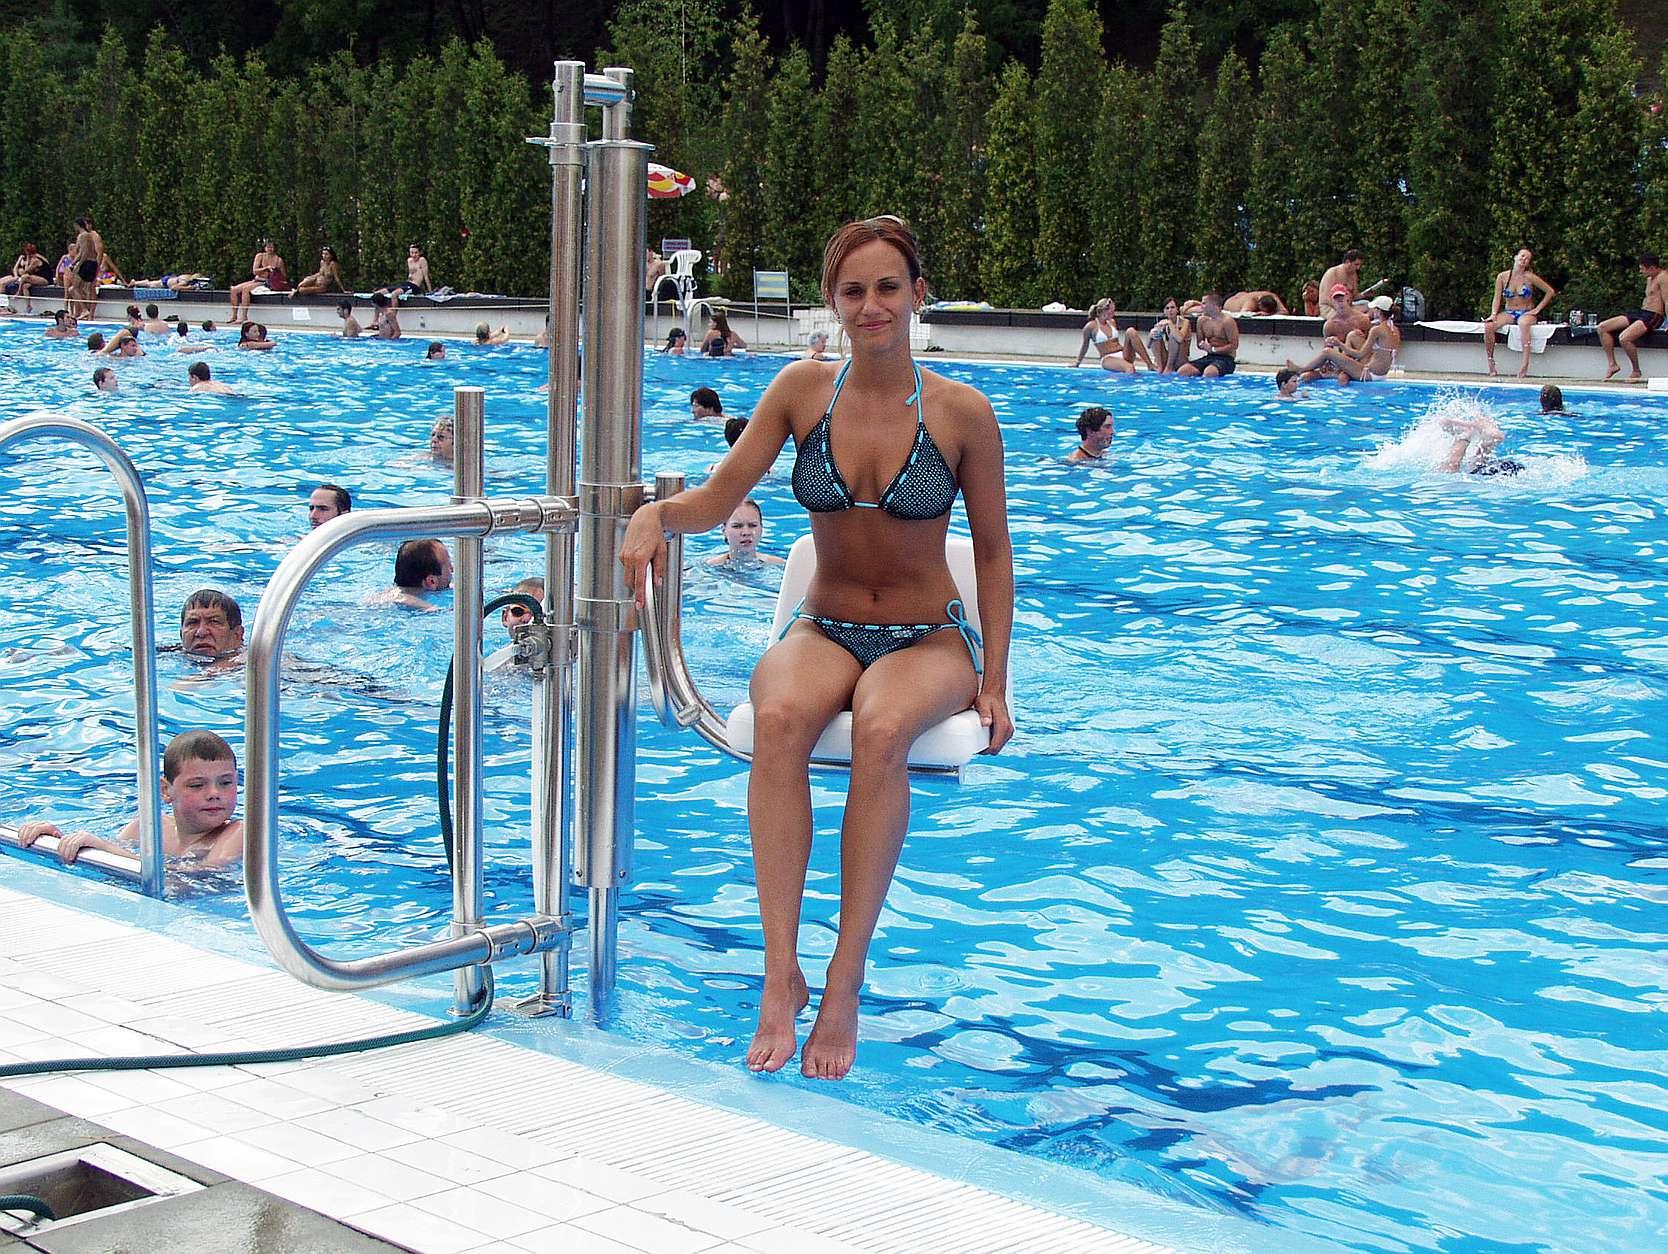 siège ascenseur elevateur de piscine